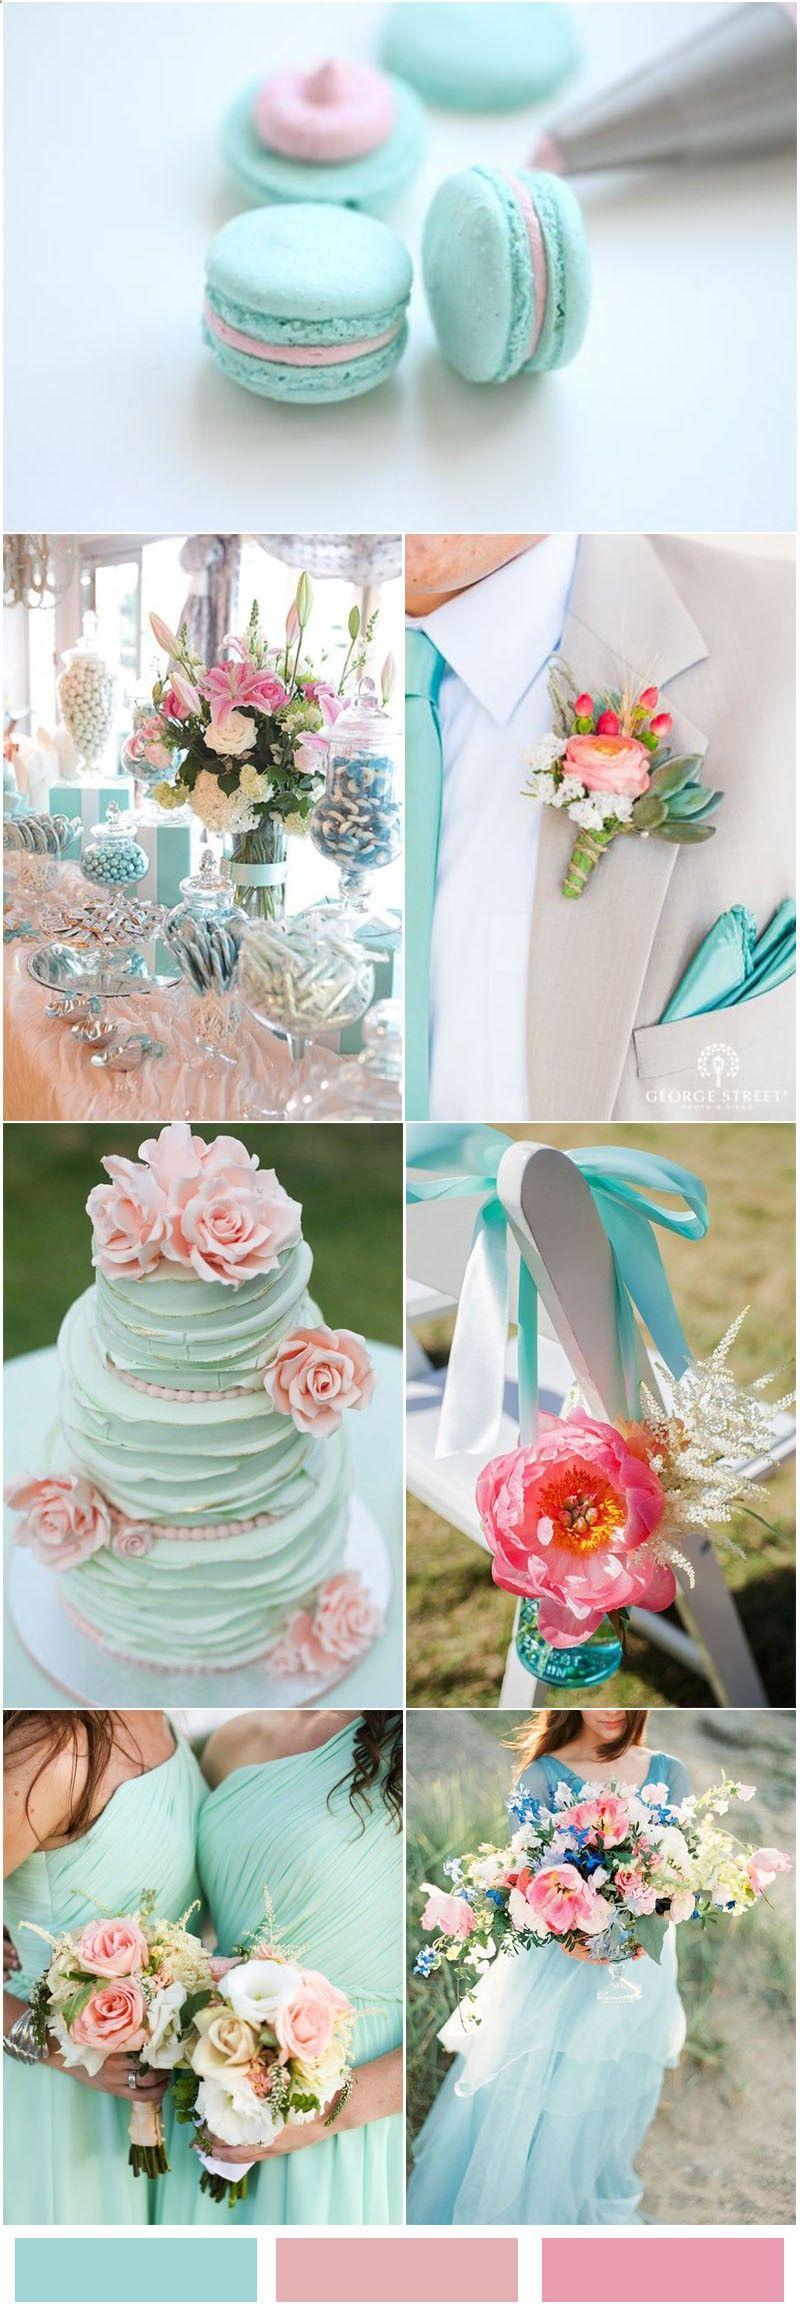 Tiffany Blueinspired Wedding Color Ideas Pink wedding